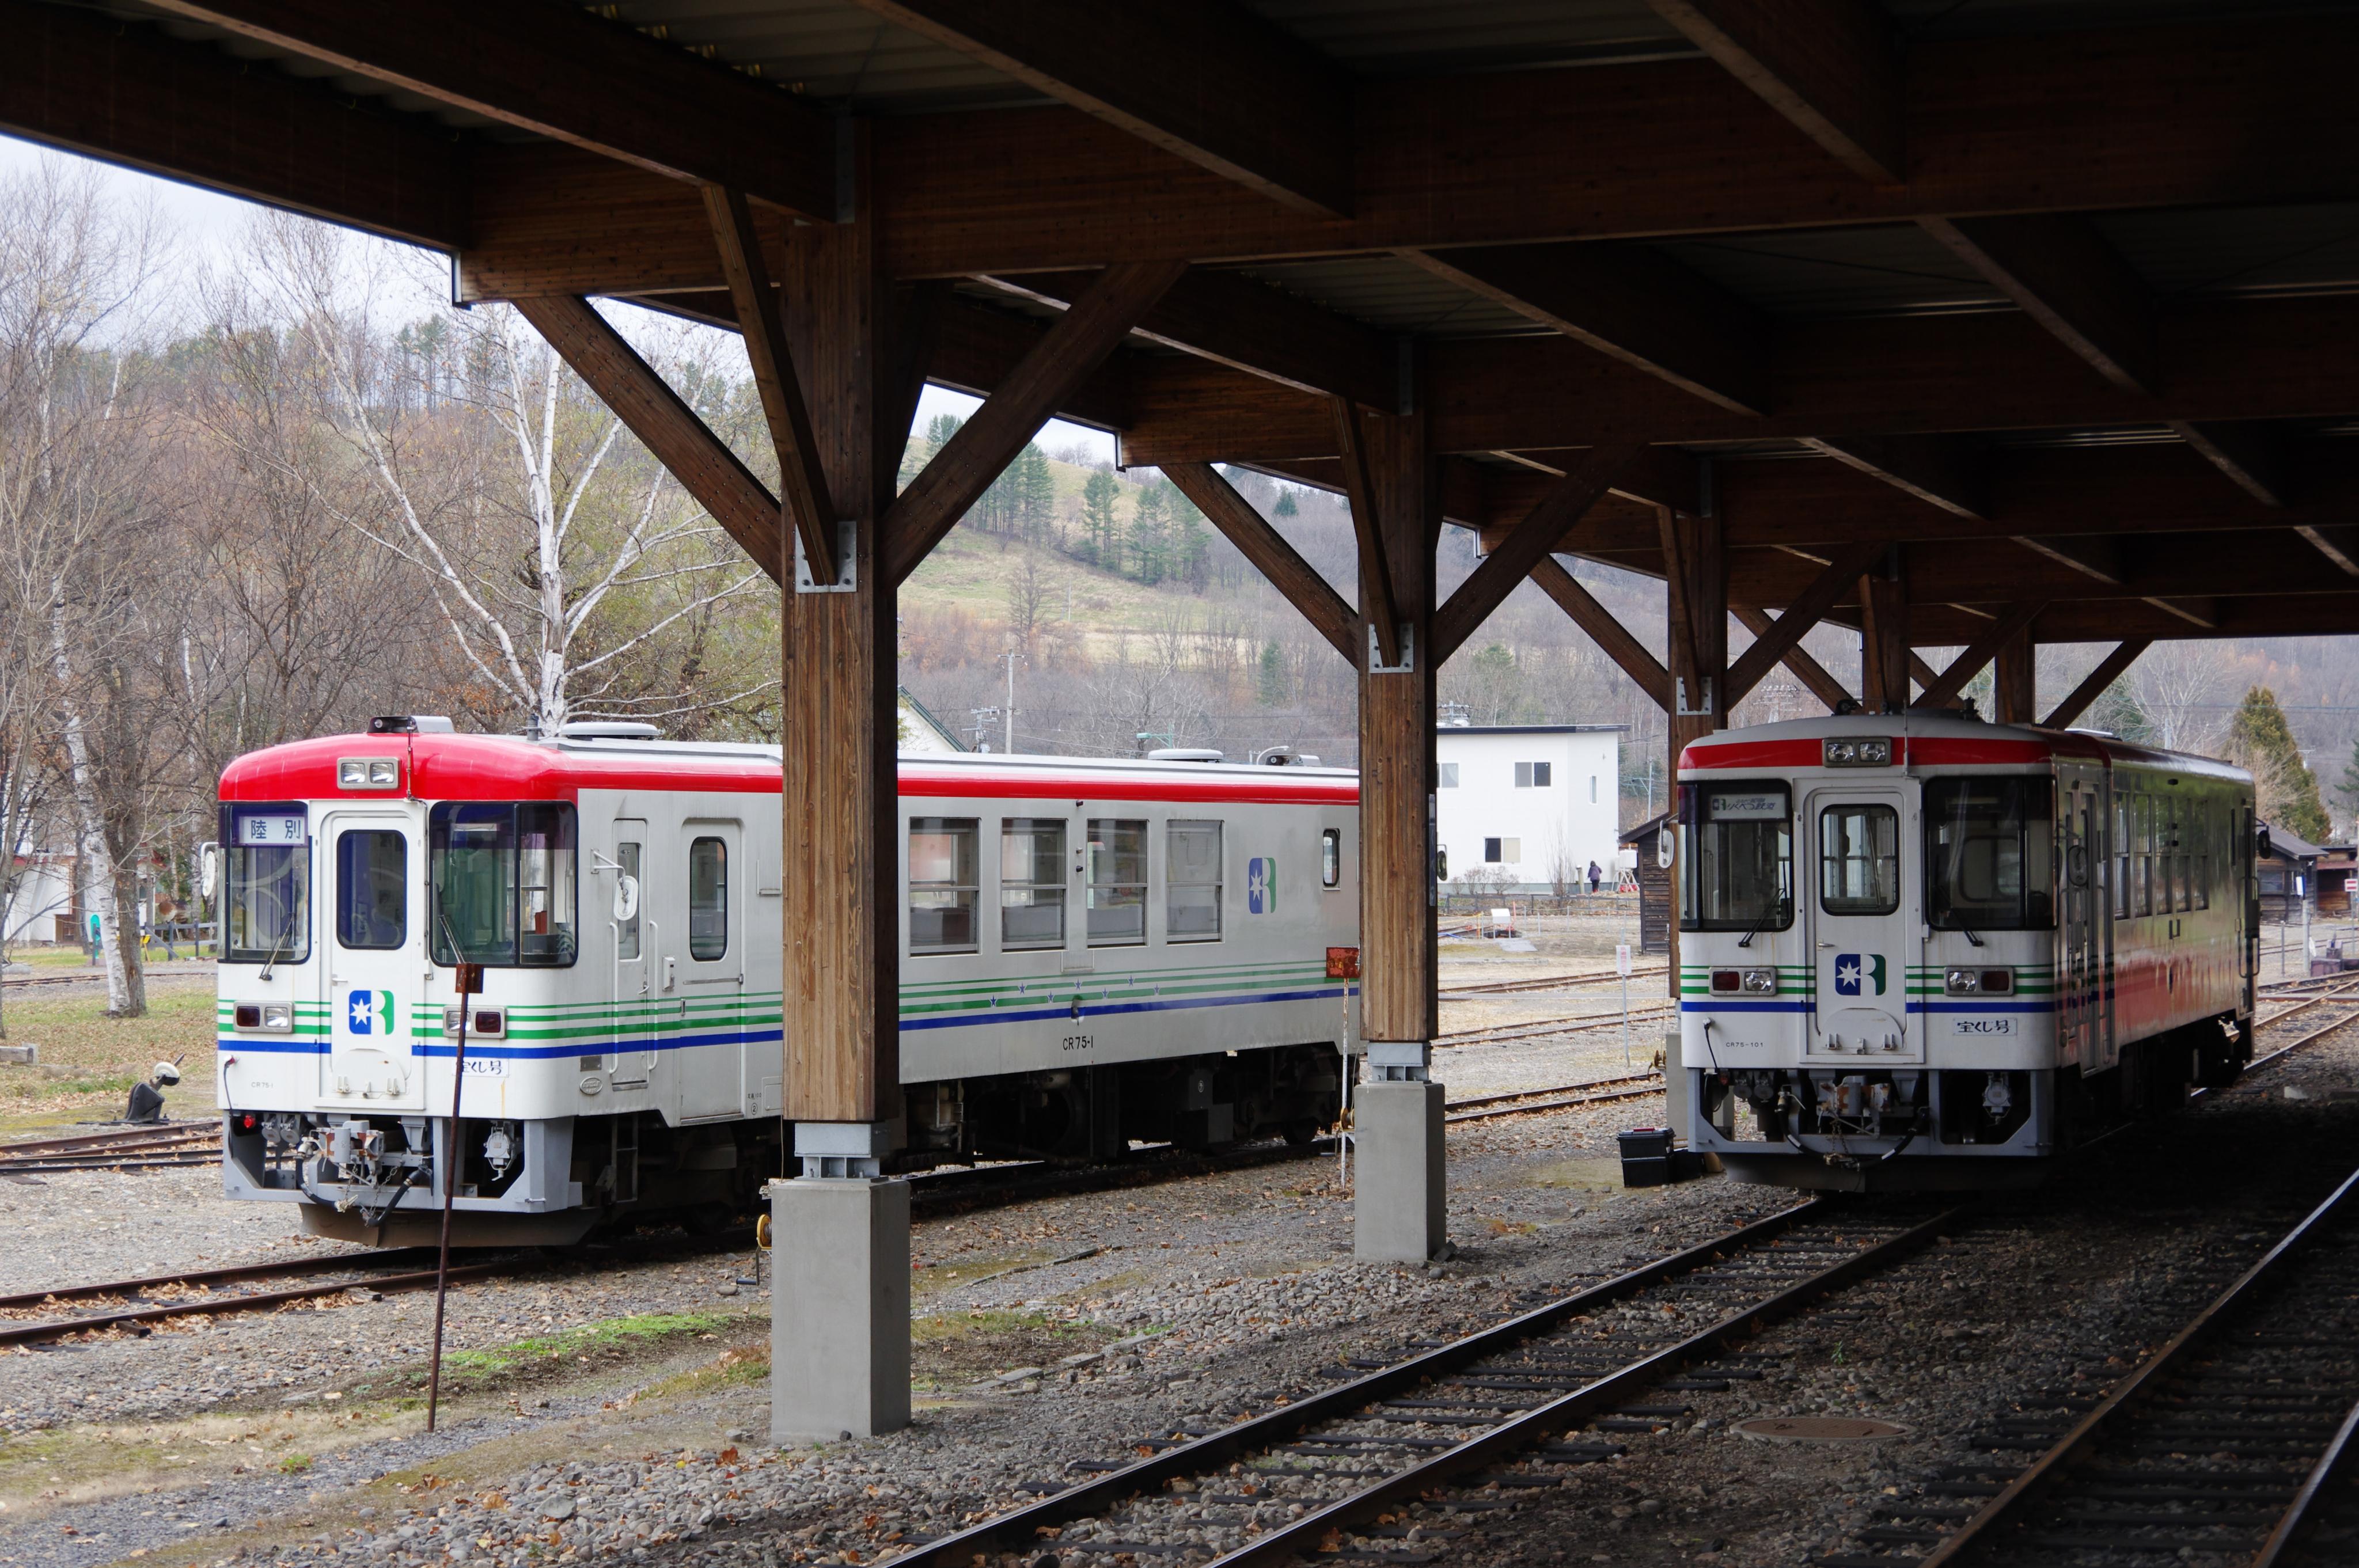 ふるさと銀河線りくべつ鉄道 CR75-1 & 101.jpg